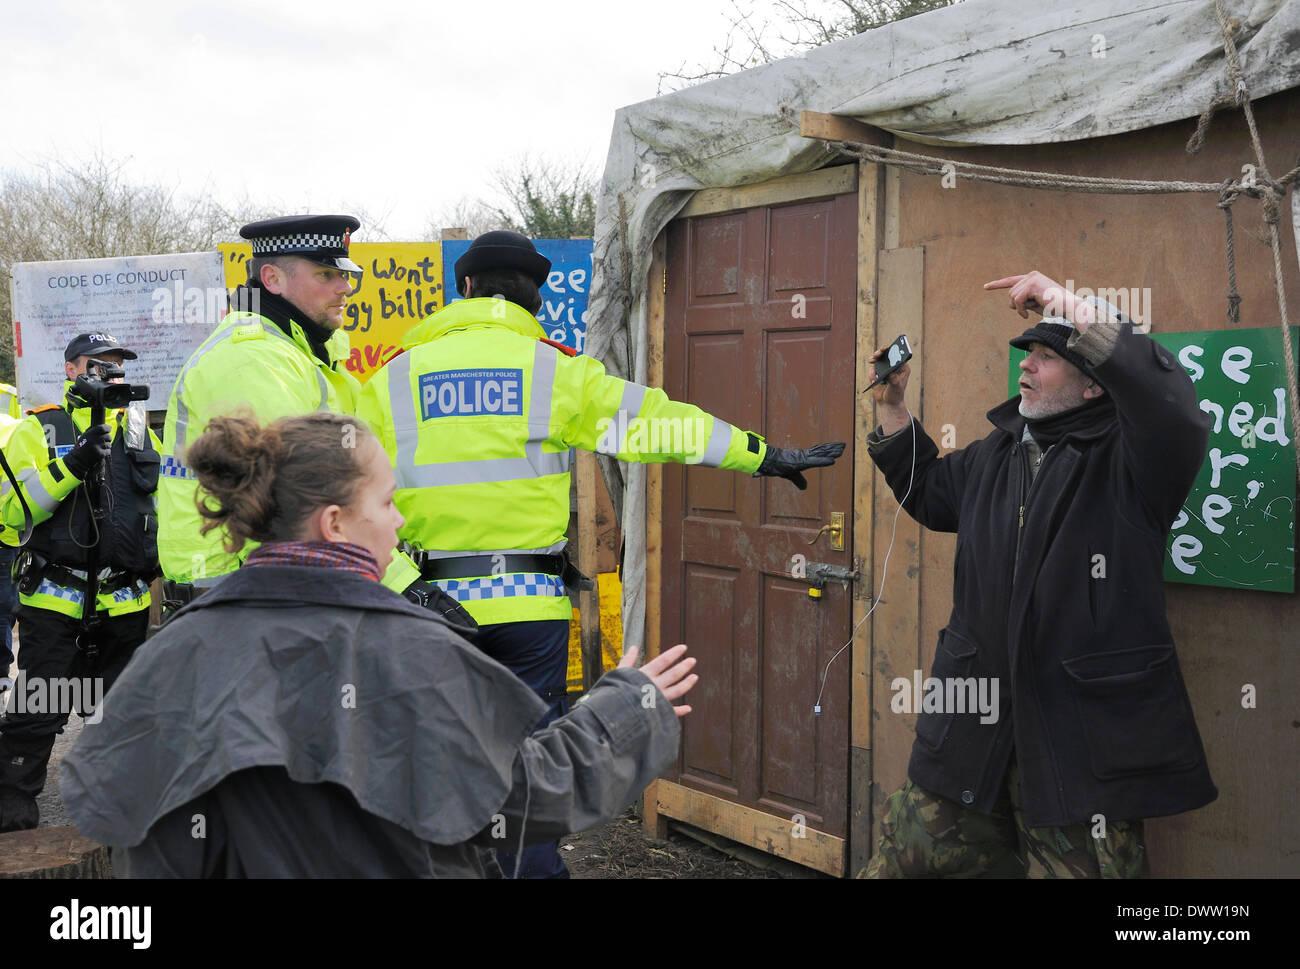 Polizistin steht vor ein Demonstrant, ihn von einem TAU-Offizier zu schützen, die ihn heftig in den Holzschuppen geschoben. Stockbild